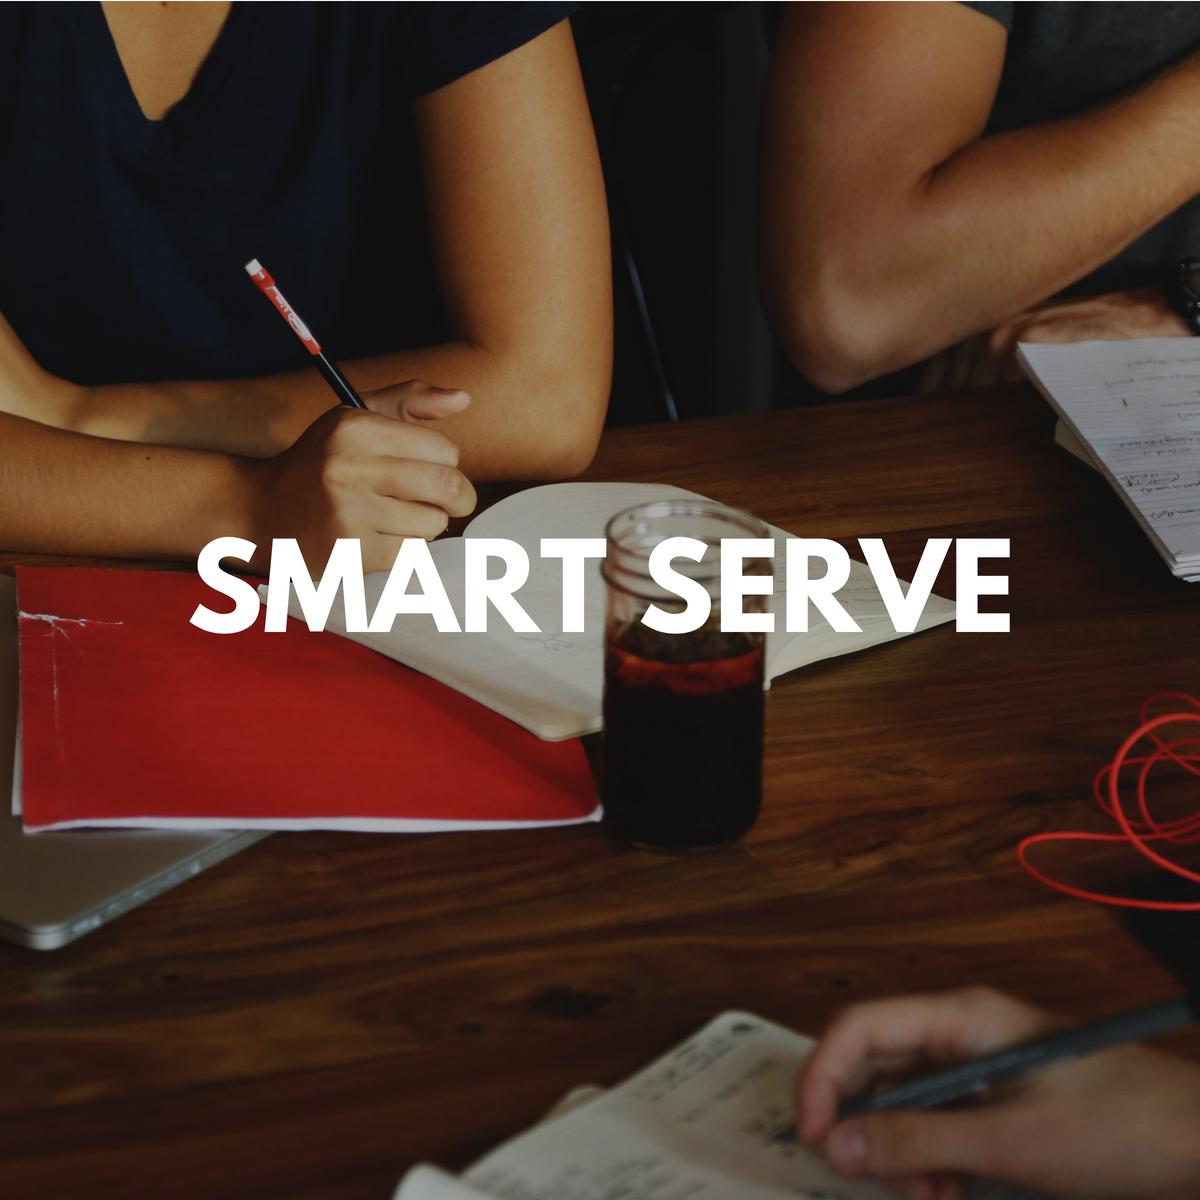 Smart Serve